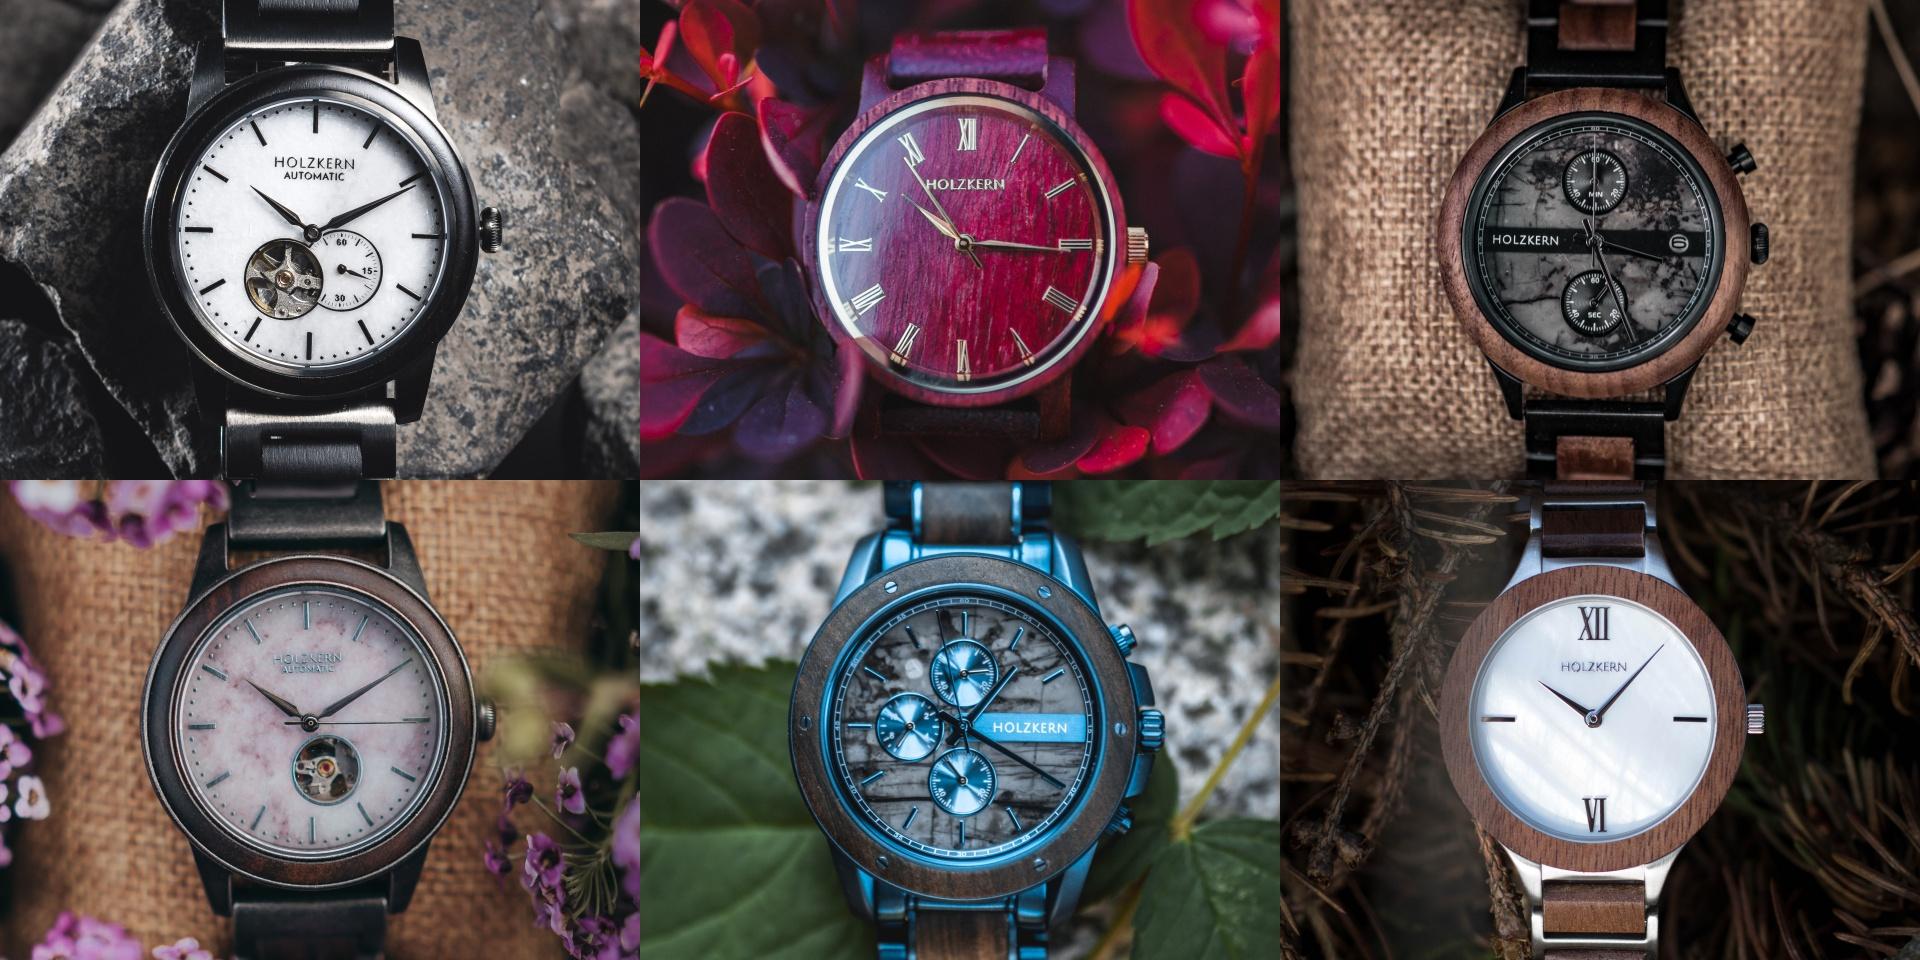 Holzkern Watch 1